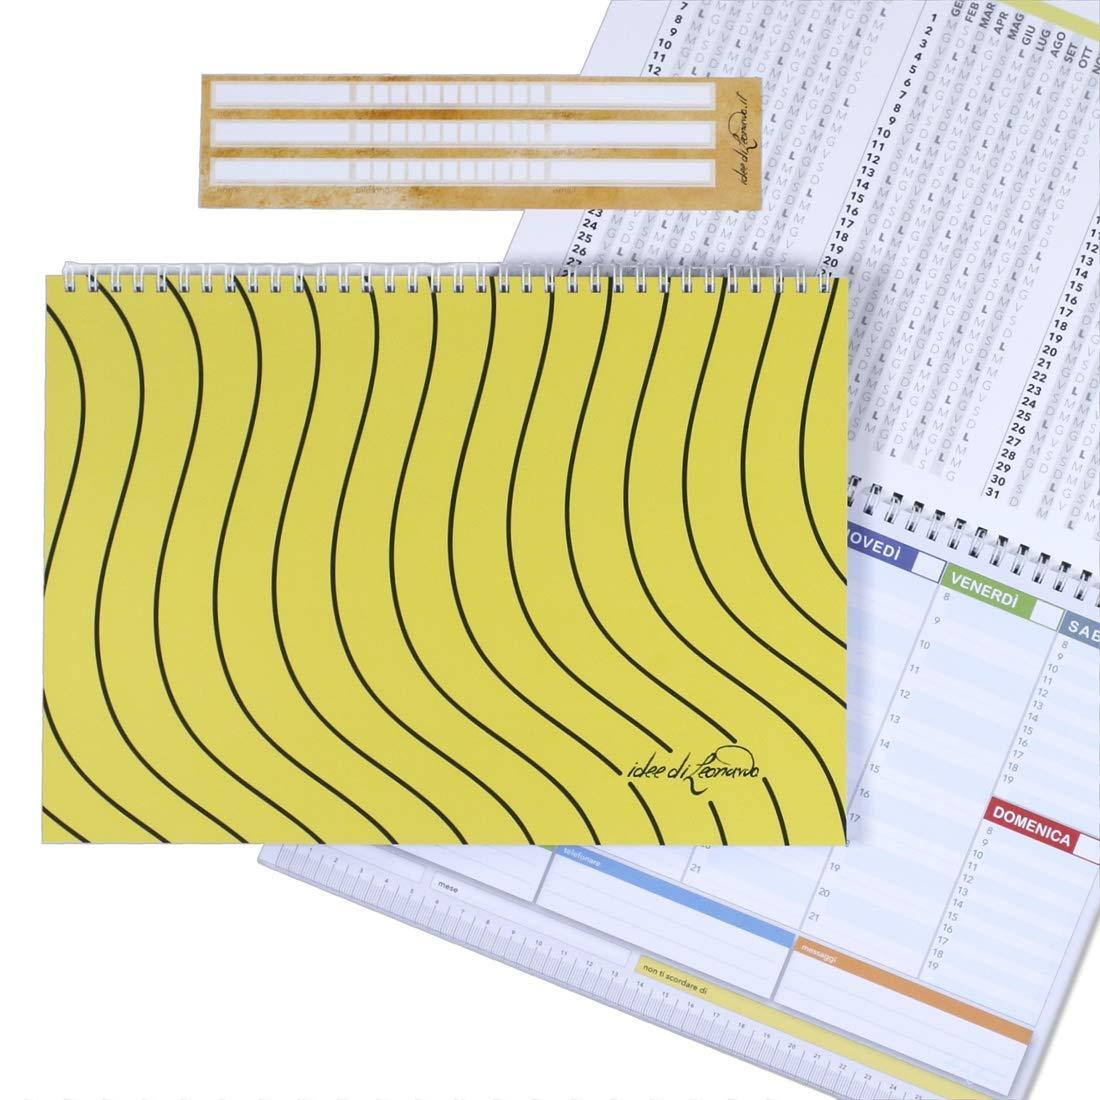 CAMPUS TIGER YELLOW Planner settimanale 30x21 agenda planner da tavolo perpetua con spirale metallica